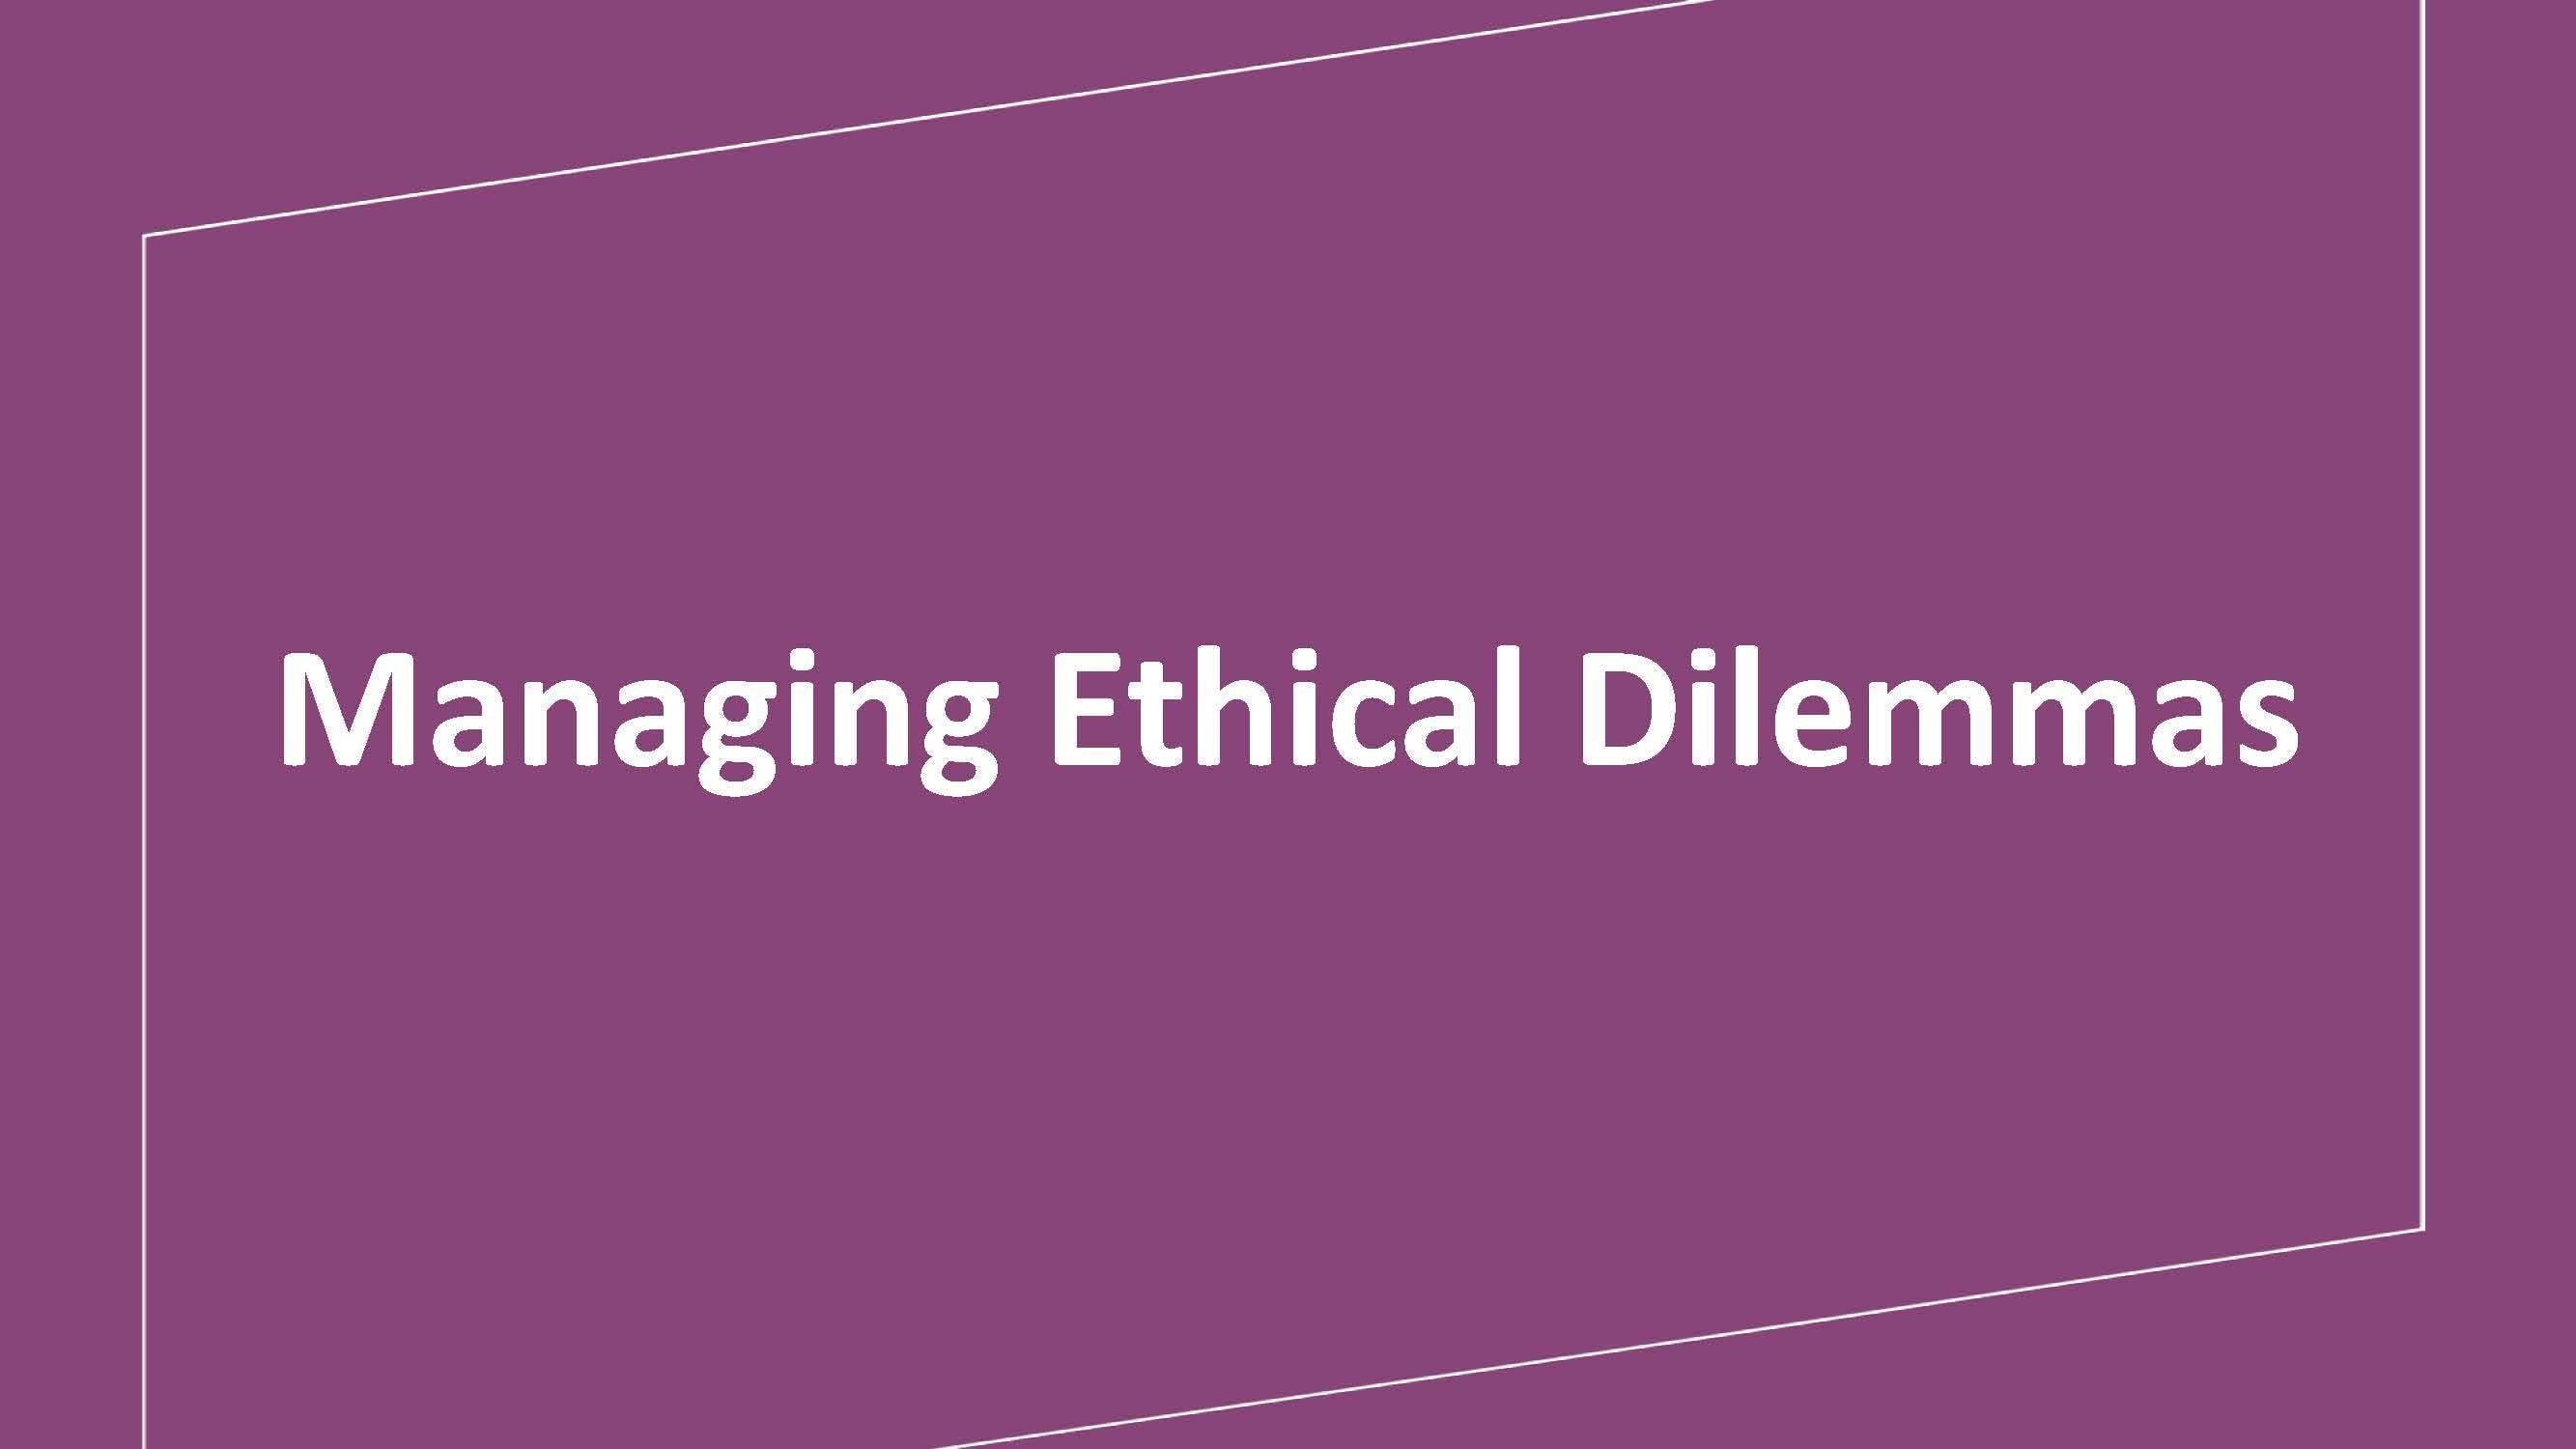 Managing Ethical Dilemmas